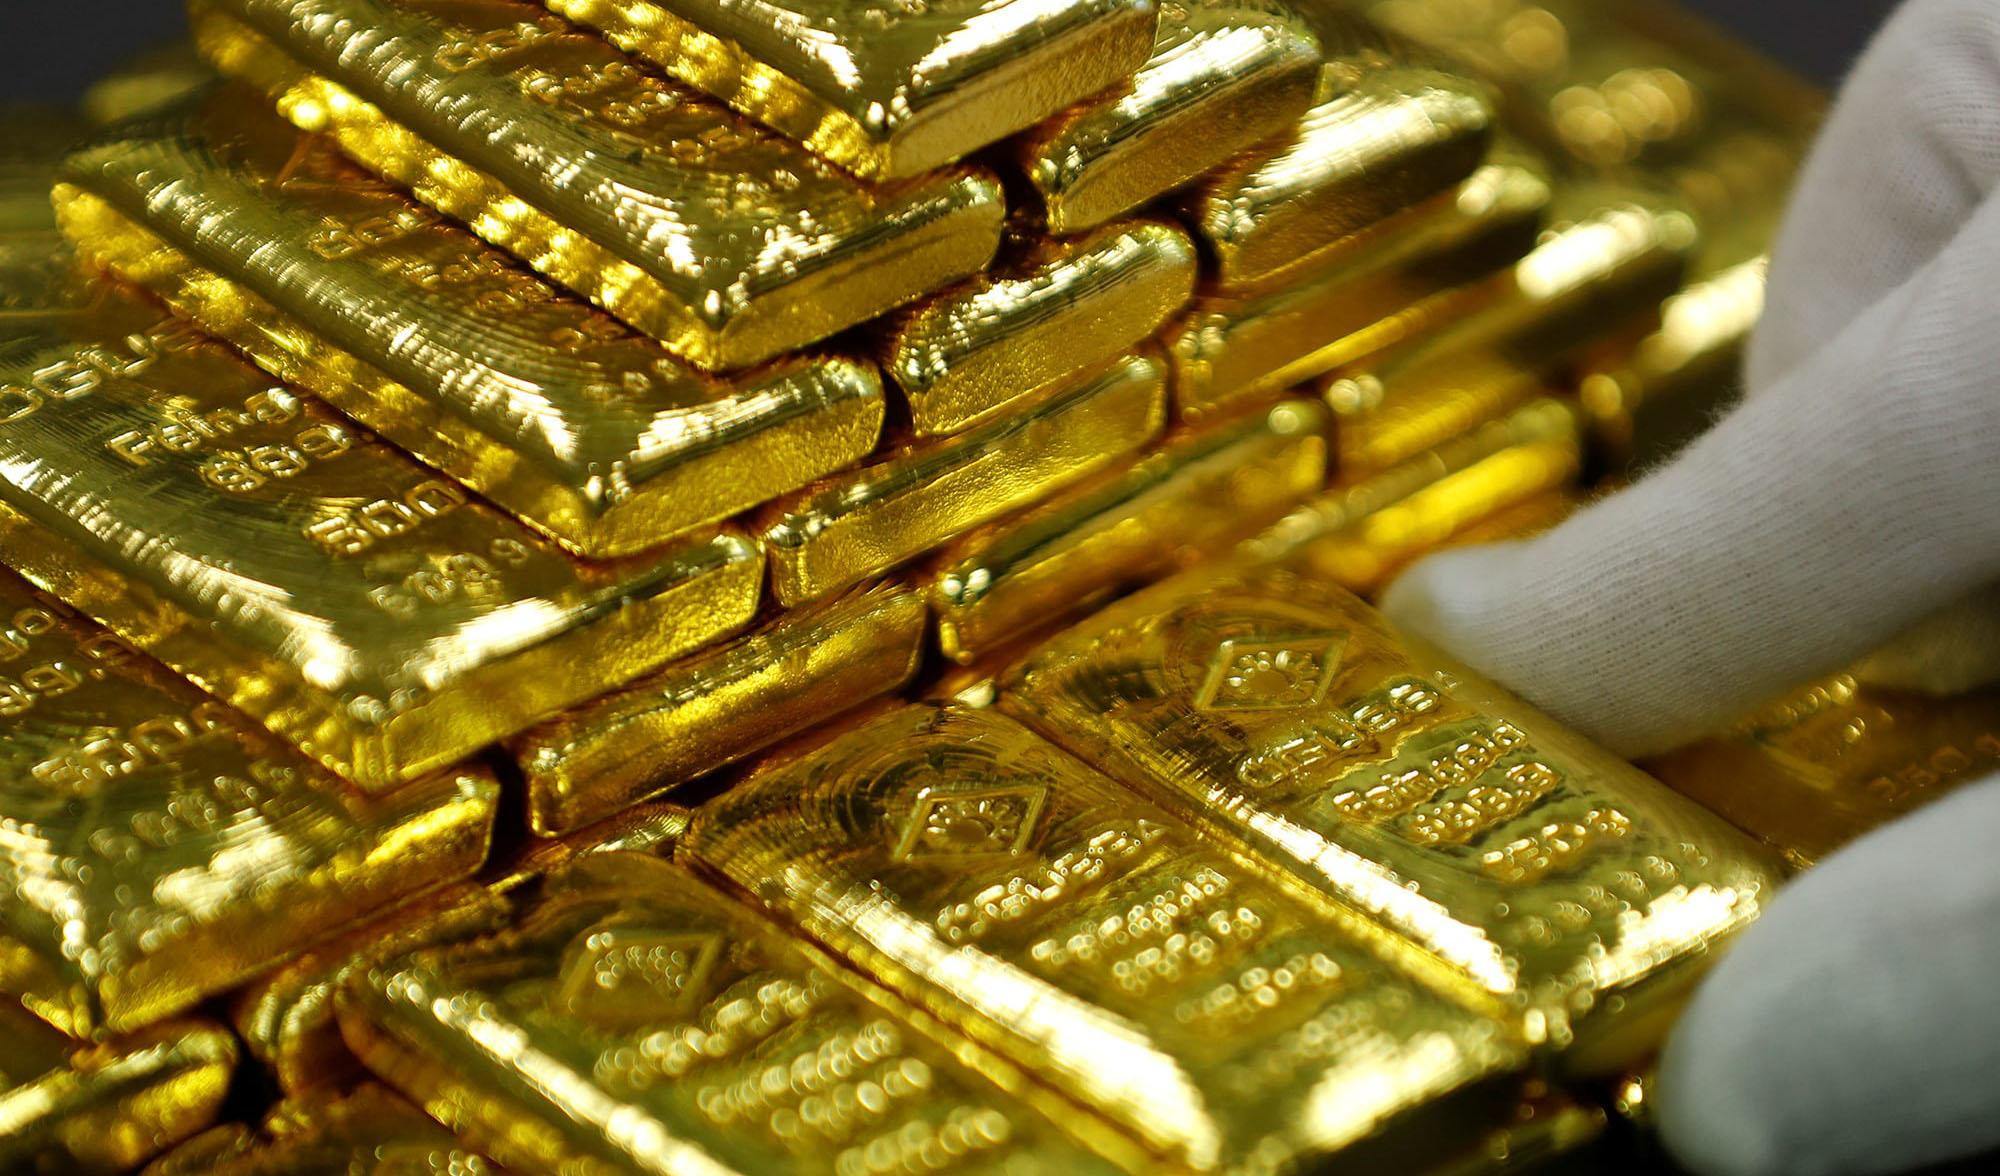 پیشبینی بزرگترین موسسات مالی از قیمت طلا / فلز زرد باز هم گران میشود